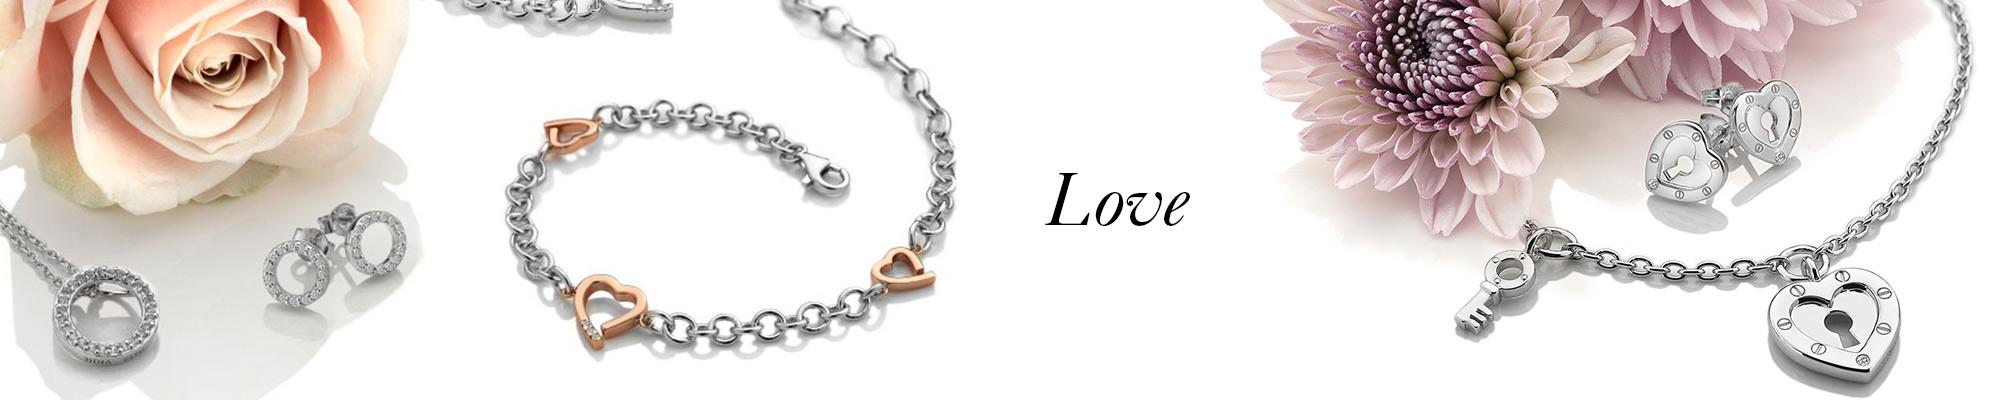 kolekce Love